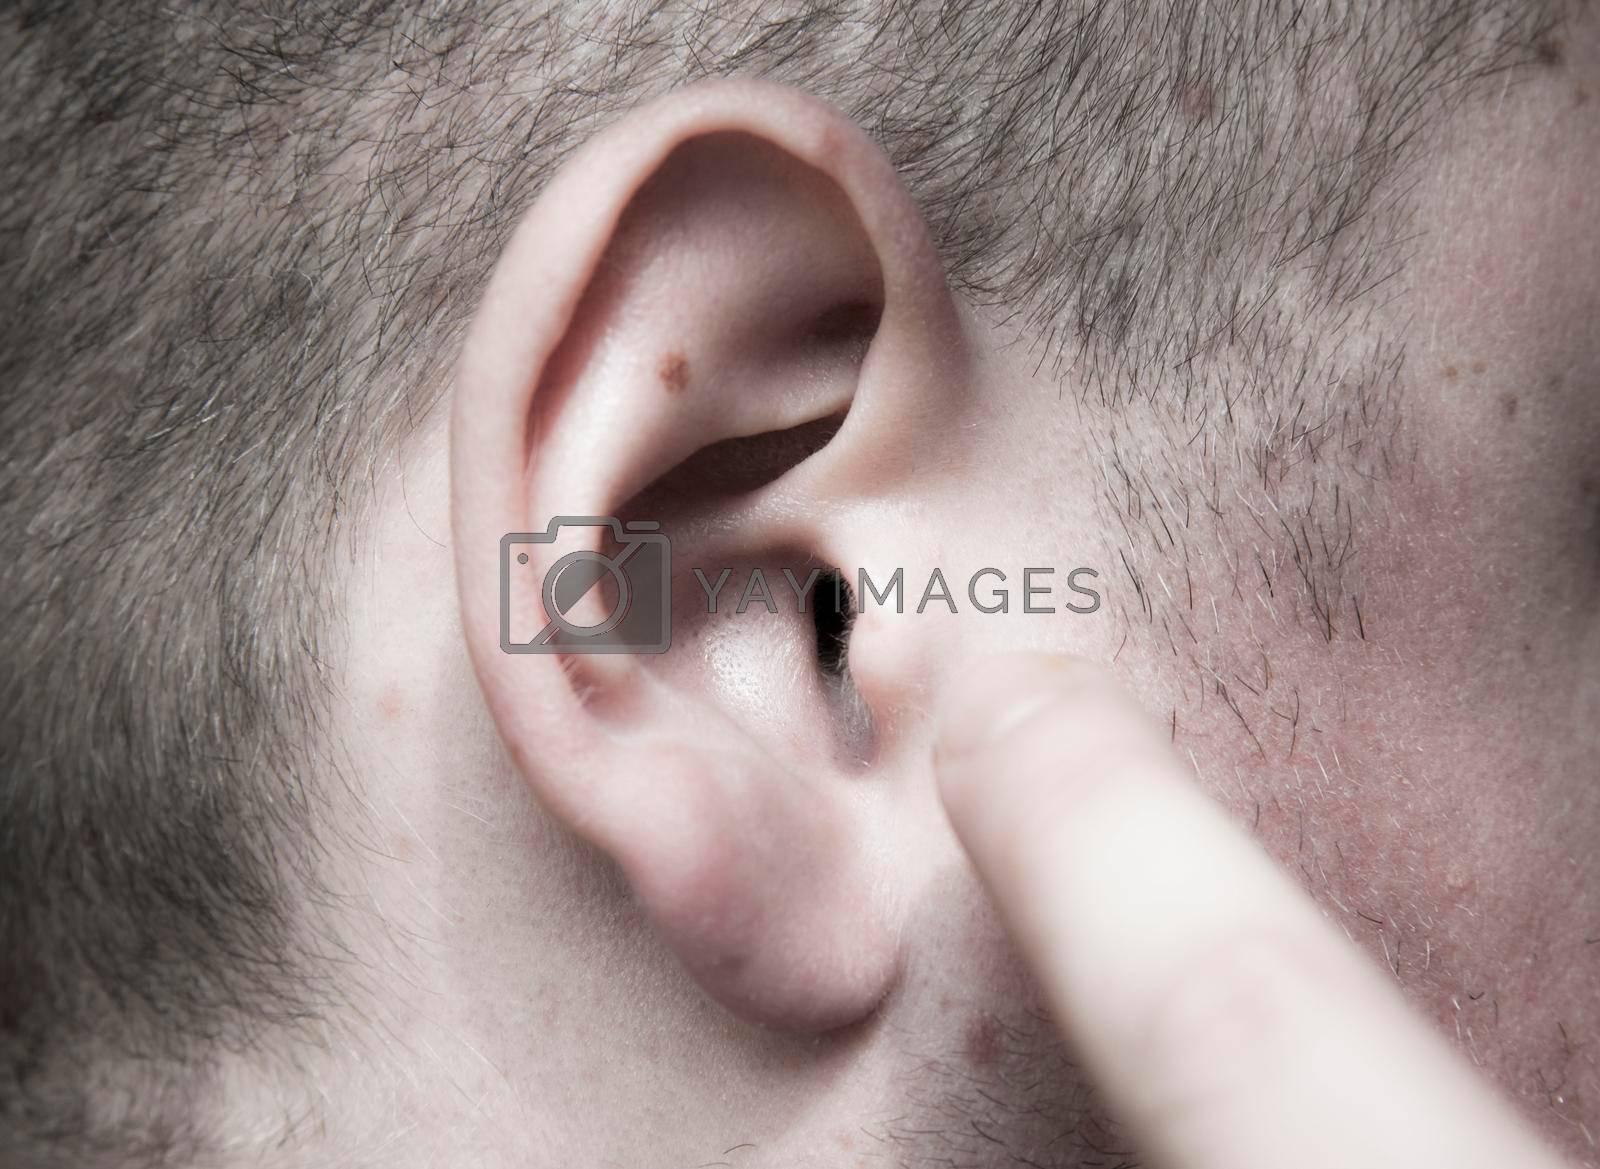 the human ear, the organ of hearing and sense of balance